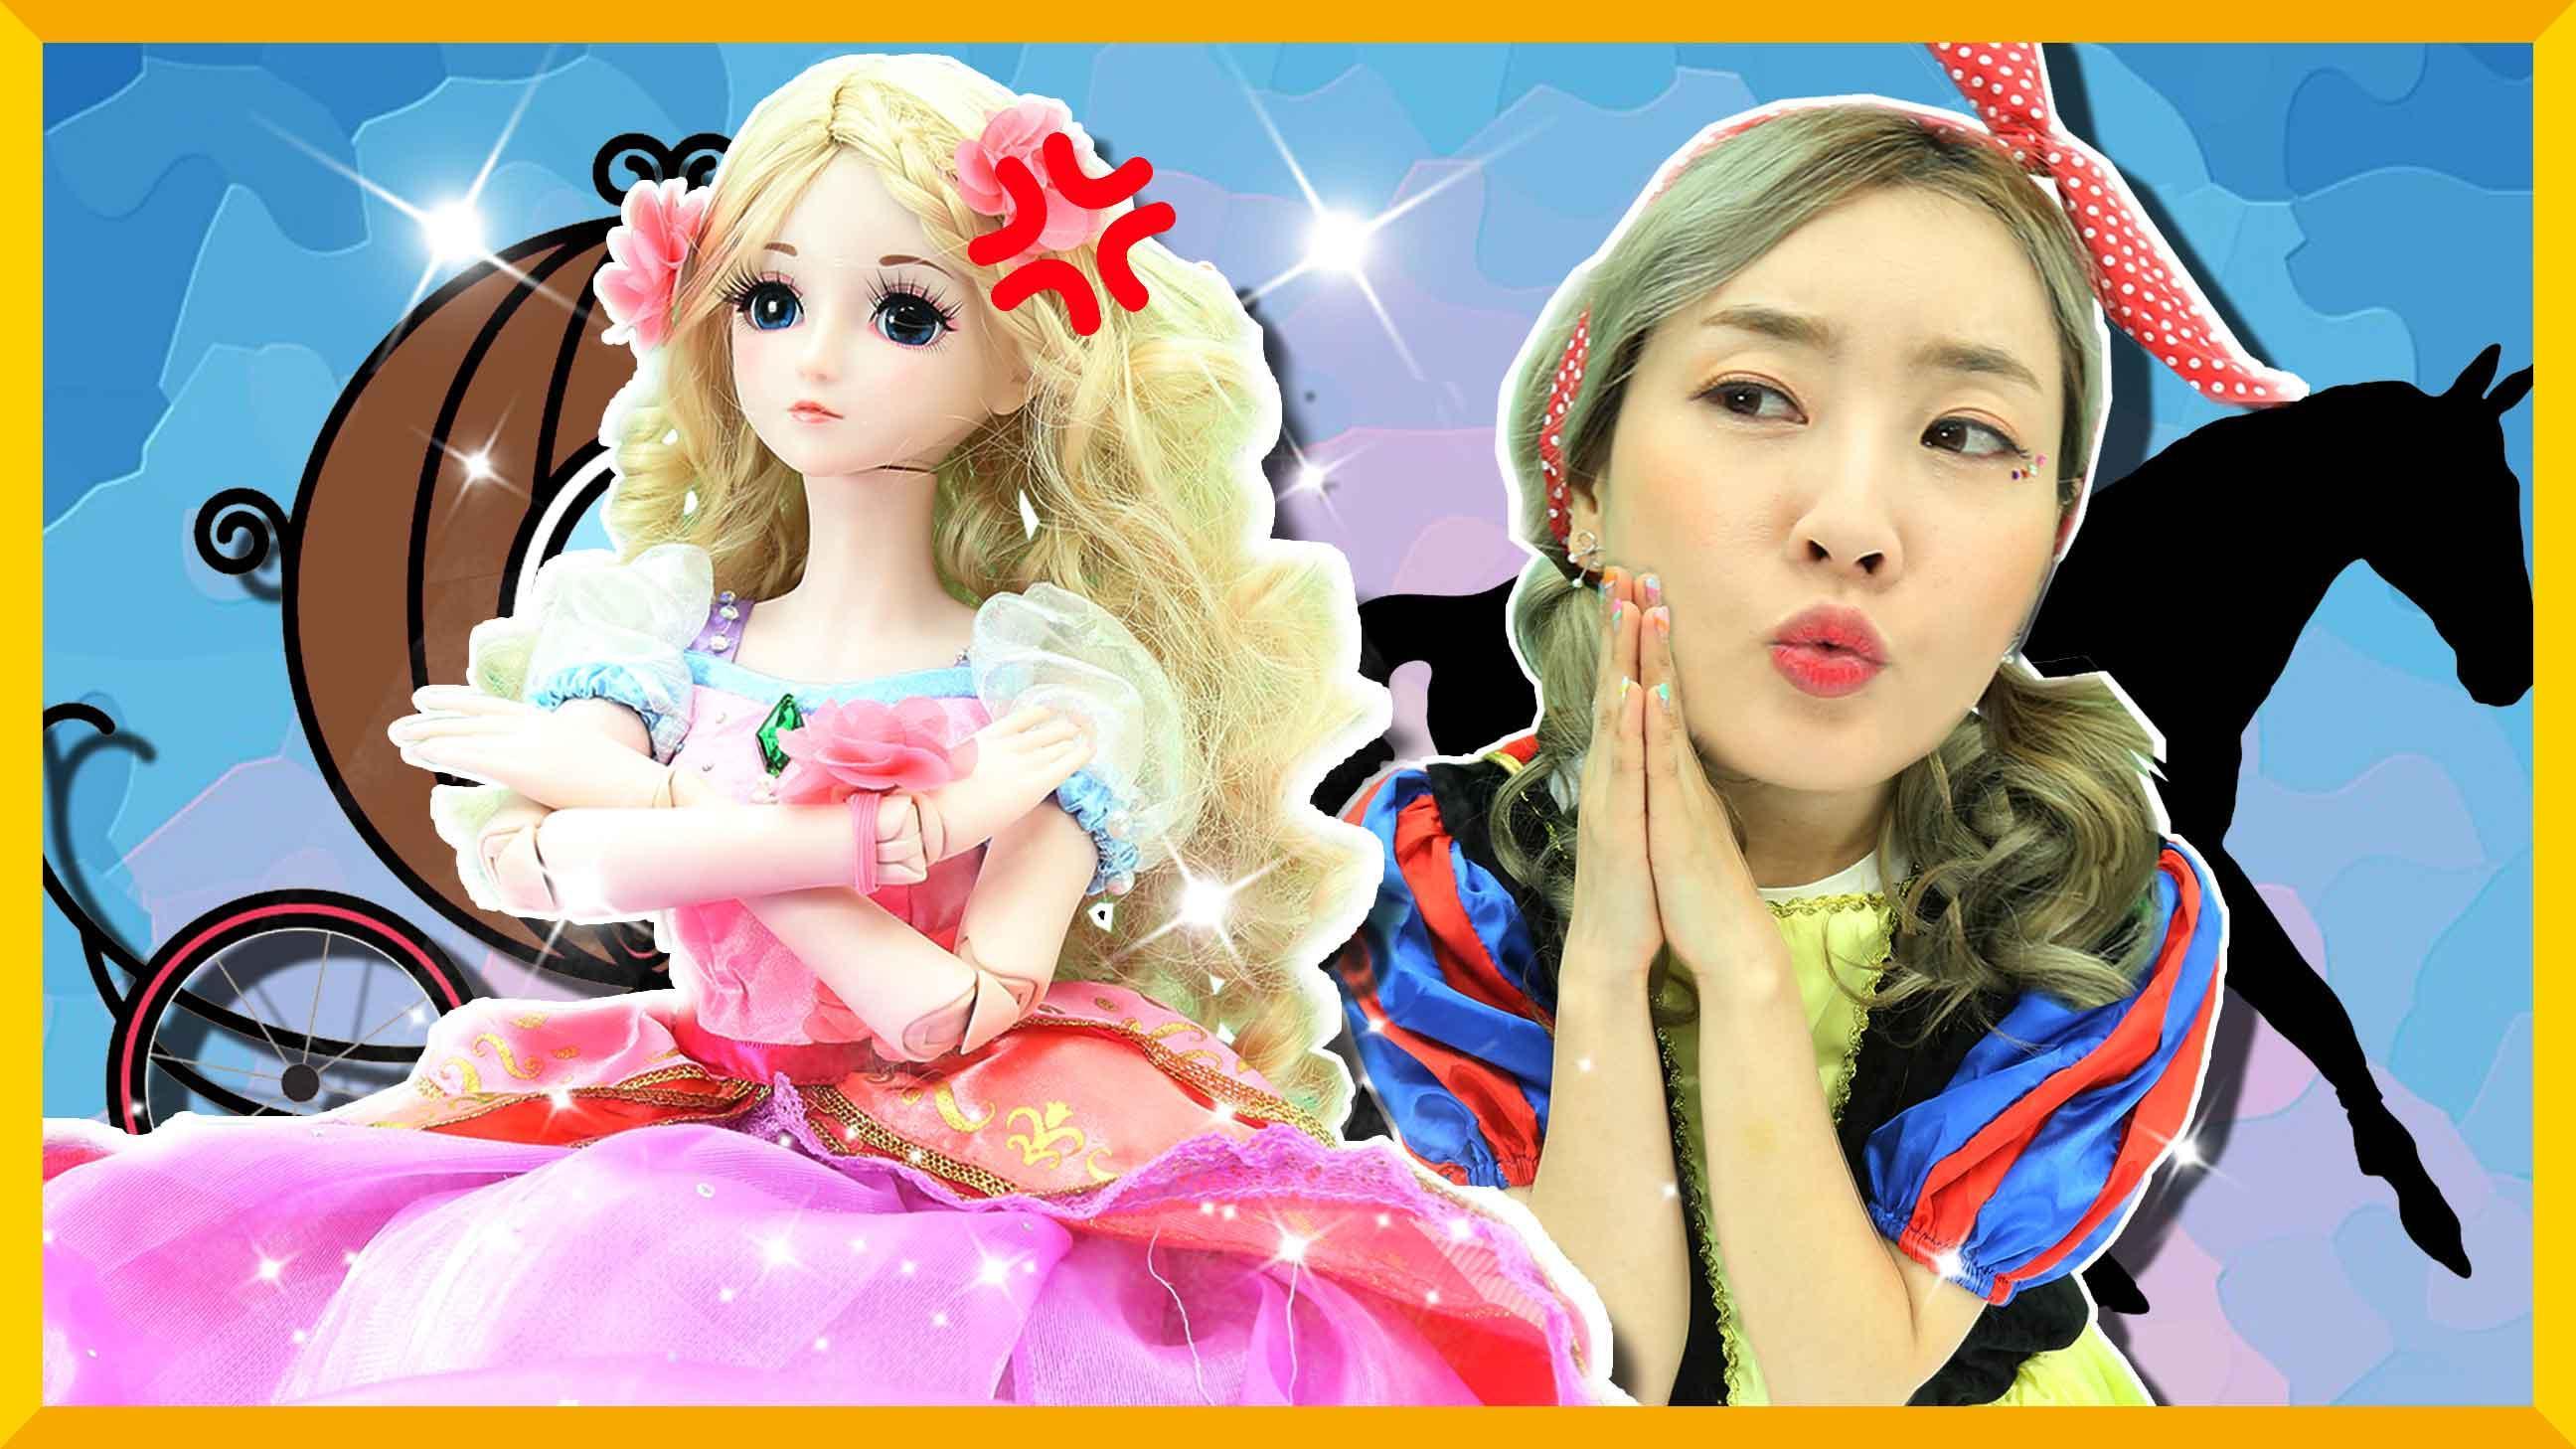 新手化妆师爱丽~给超大灵公主打造派对造型吧   爱丽和故事 EllieAndStory